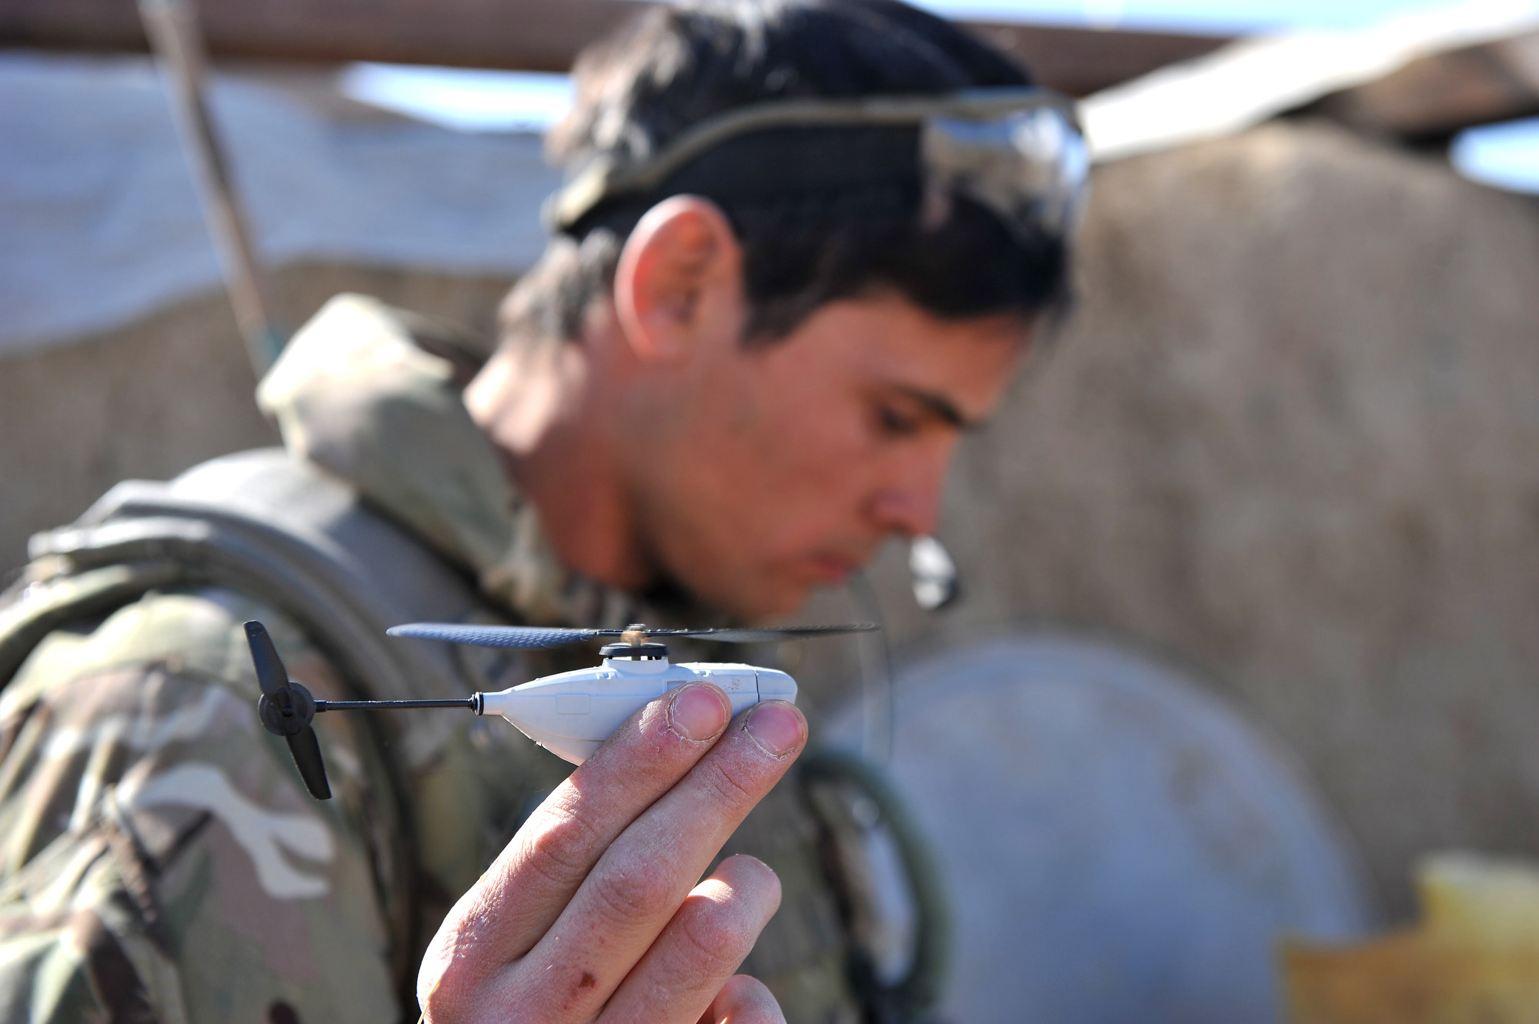 British Soldiers in Afghanistan deploy Micro UAV Helis